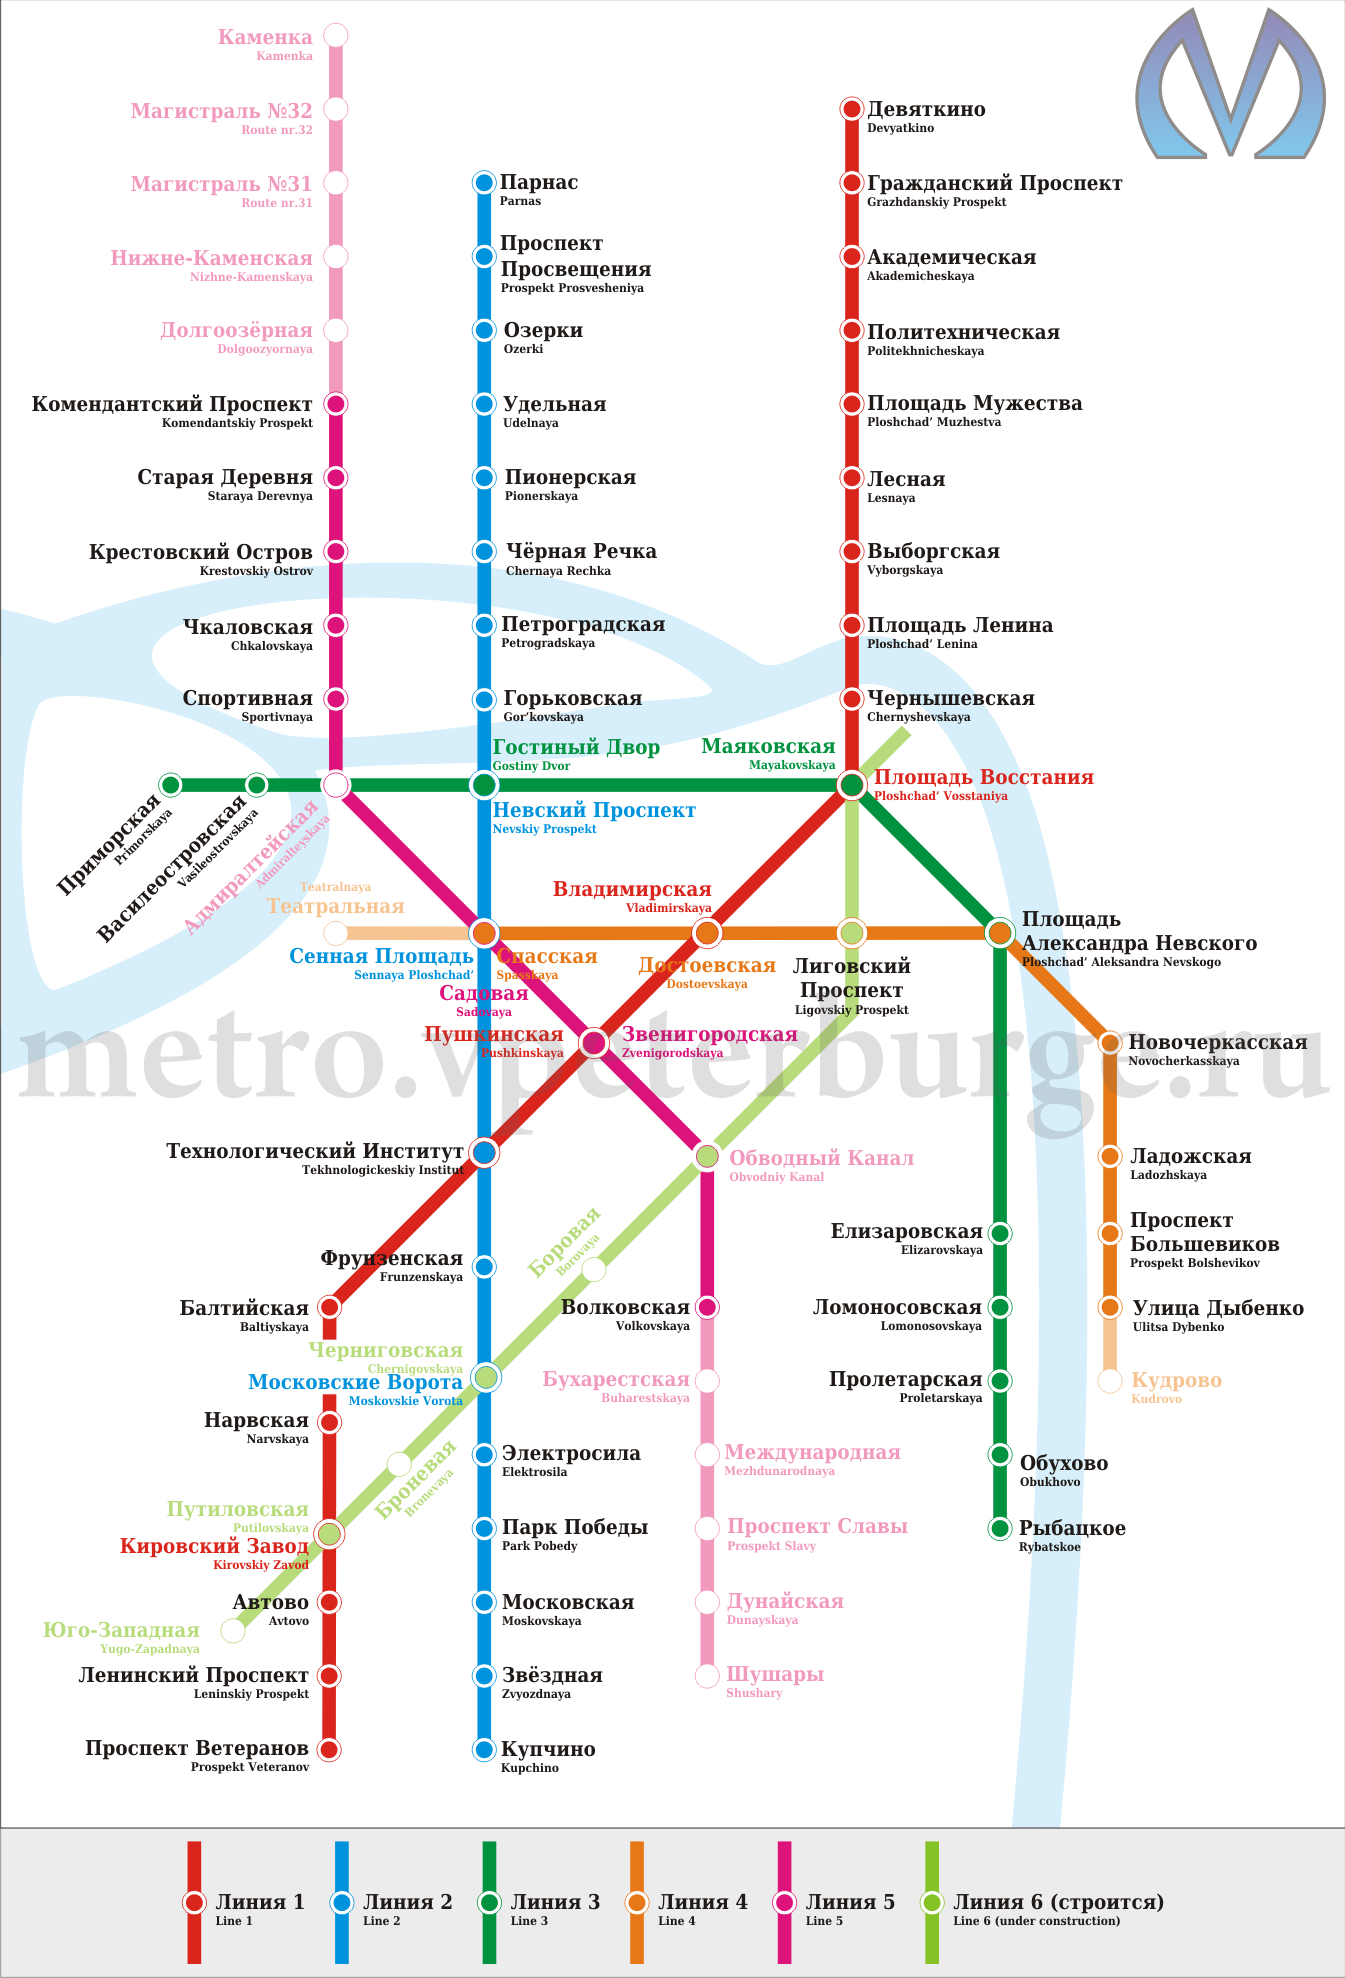 Метро волковская в санкт-петербурге на схеме метро